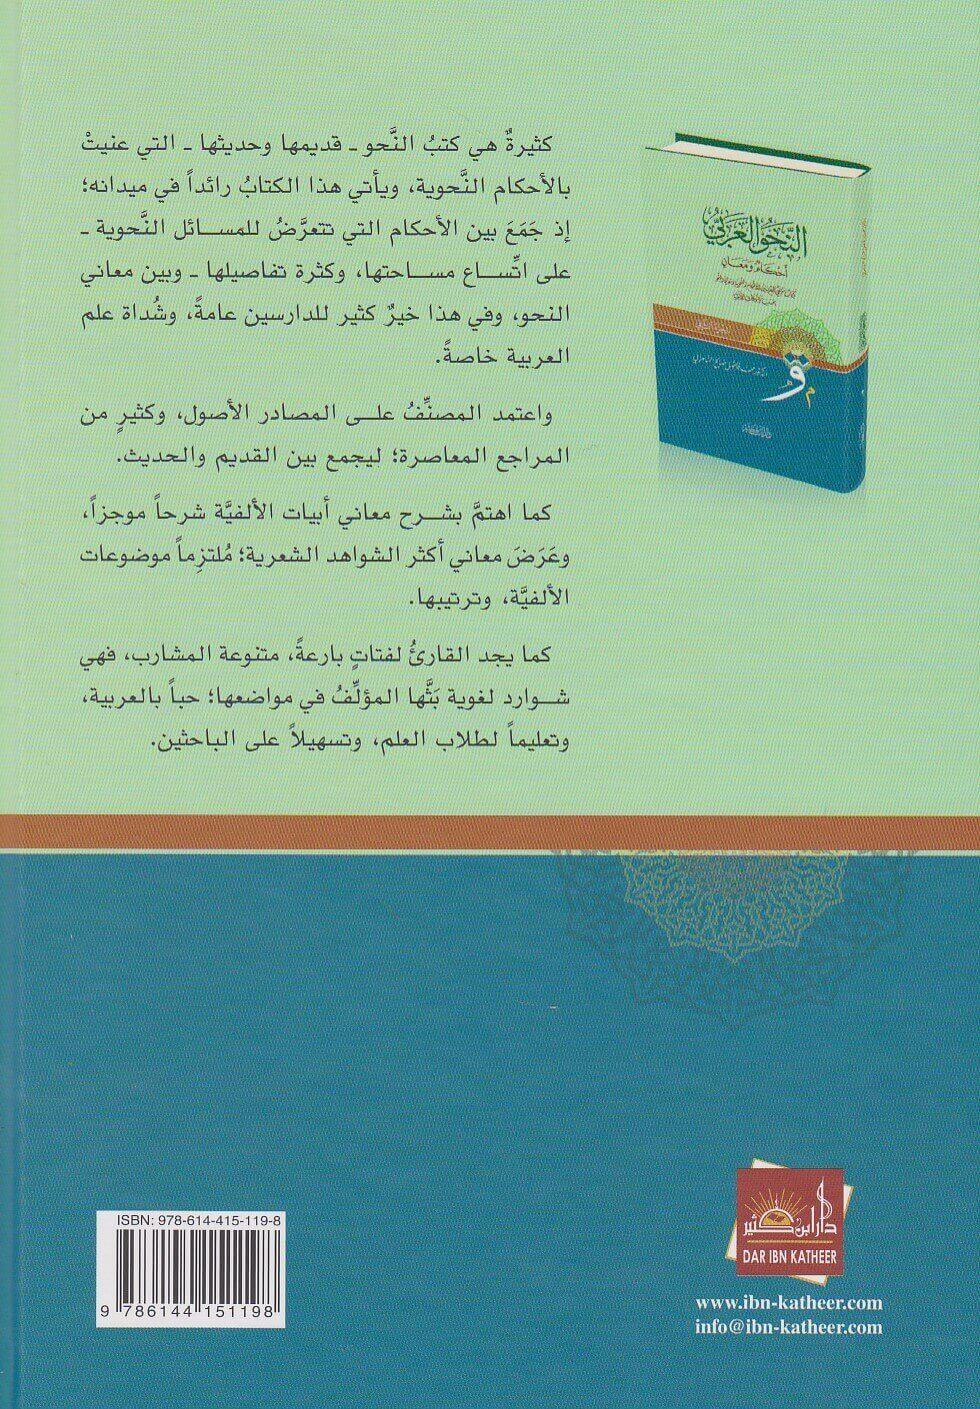 معاني النحو المكتبة الوقفية للكتب المصورة Pdf